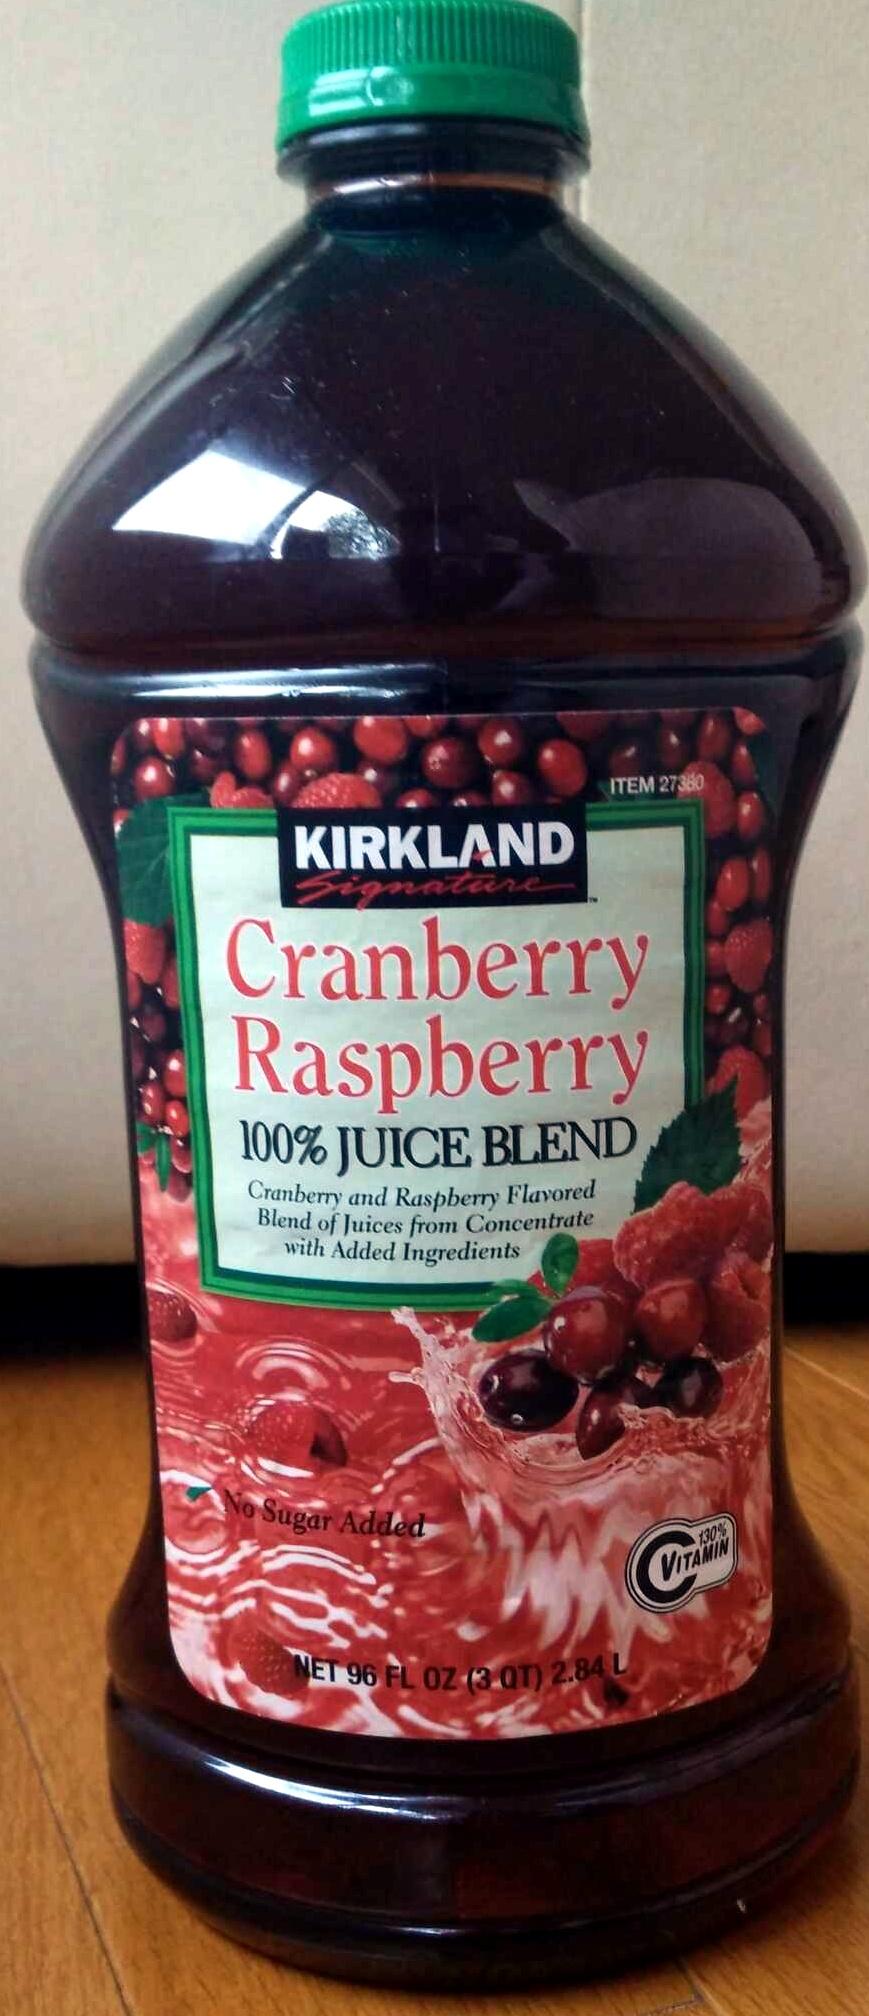 cranberry raspberry 100% juice blend - kirkland signature - 96 fl oz